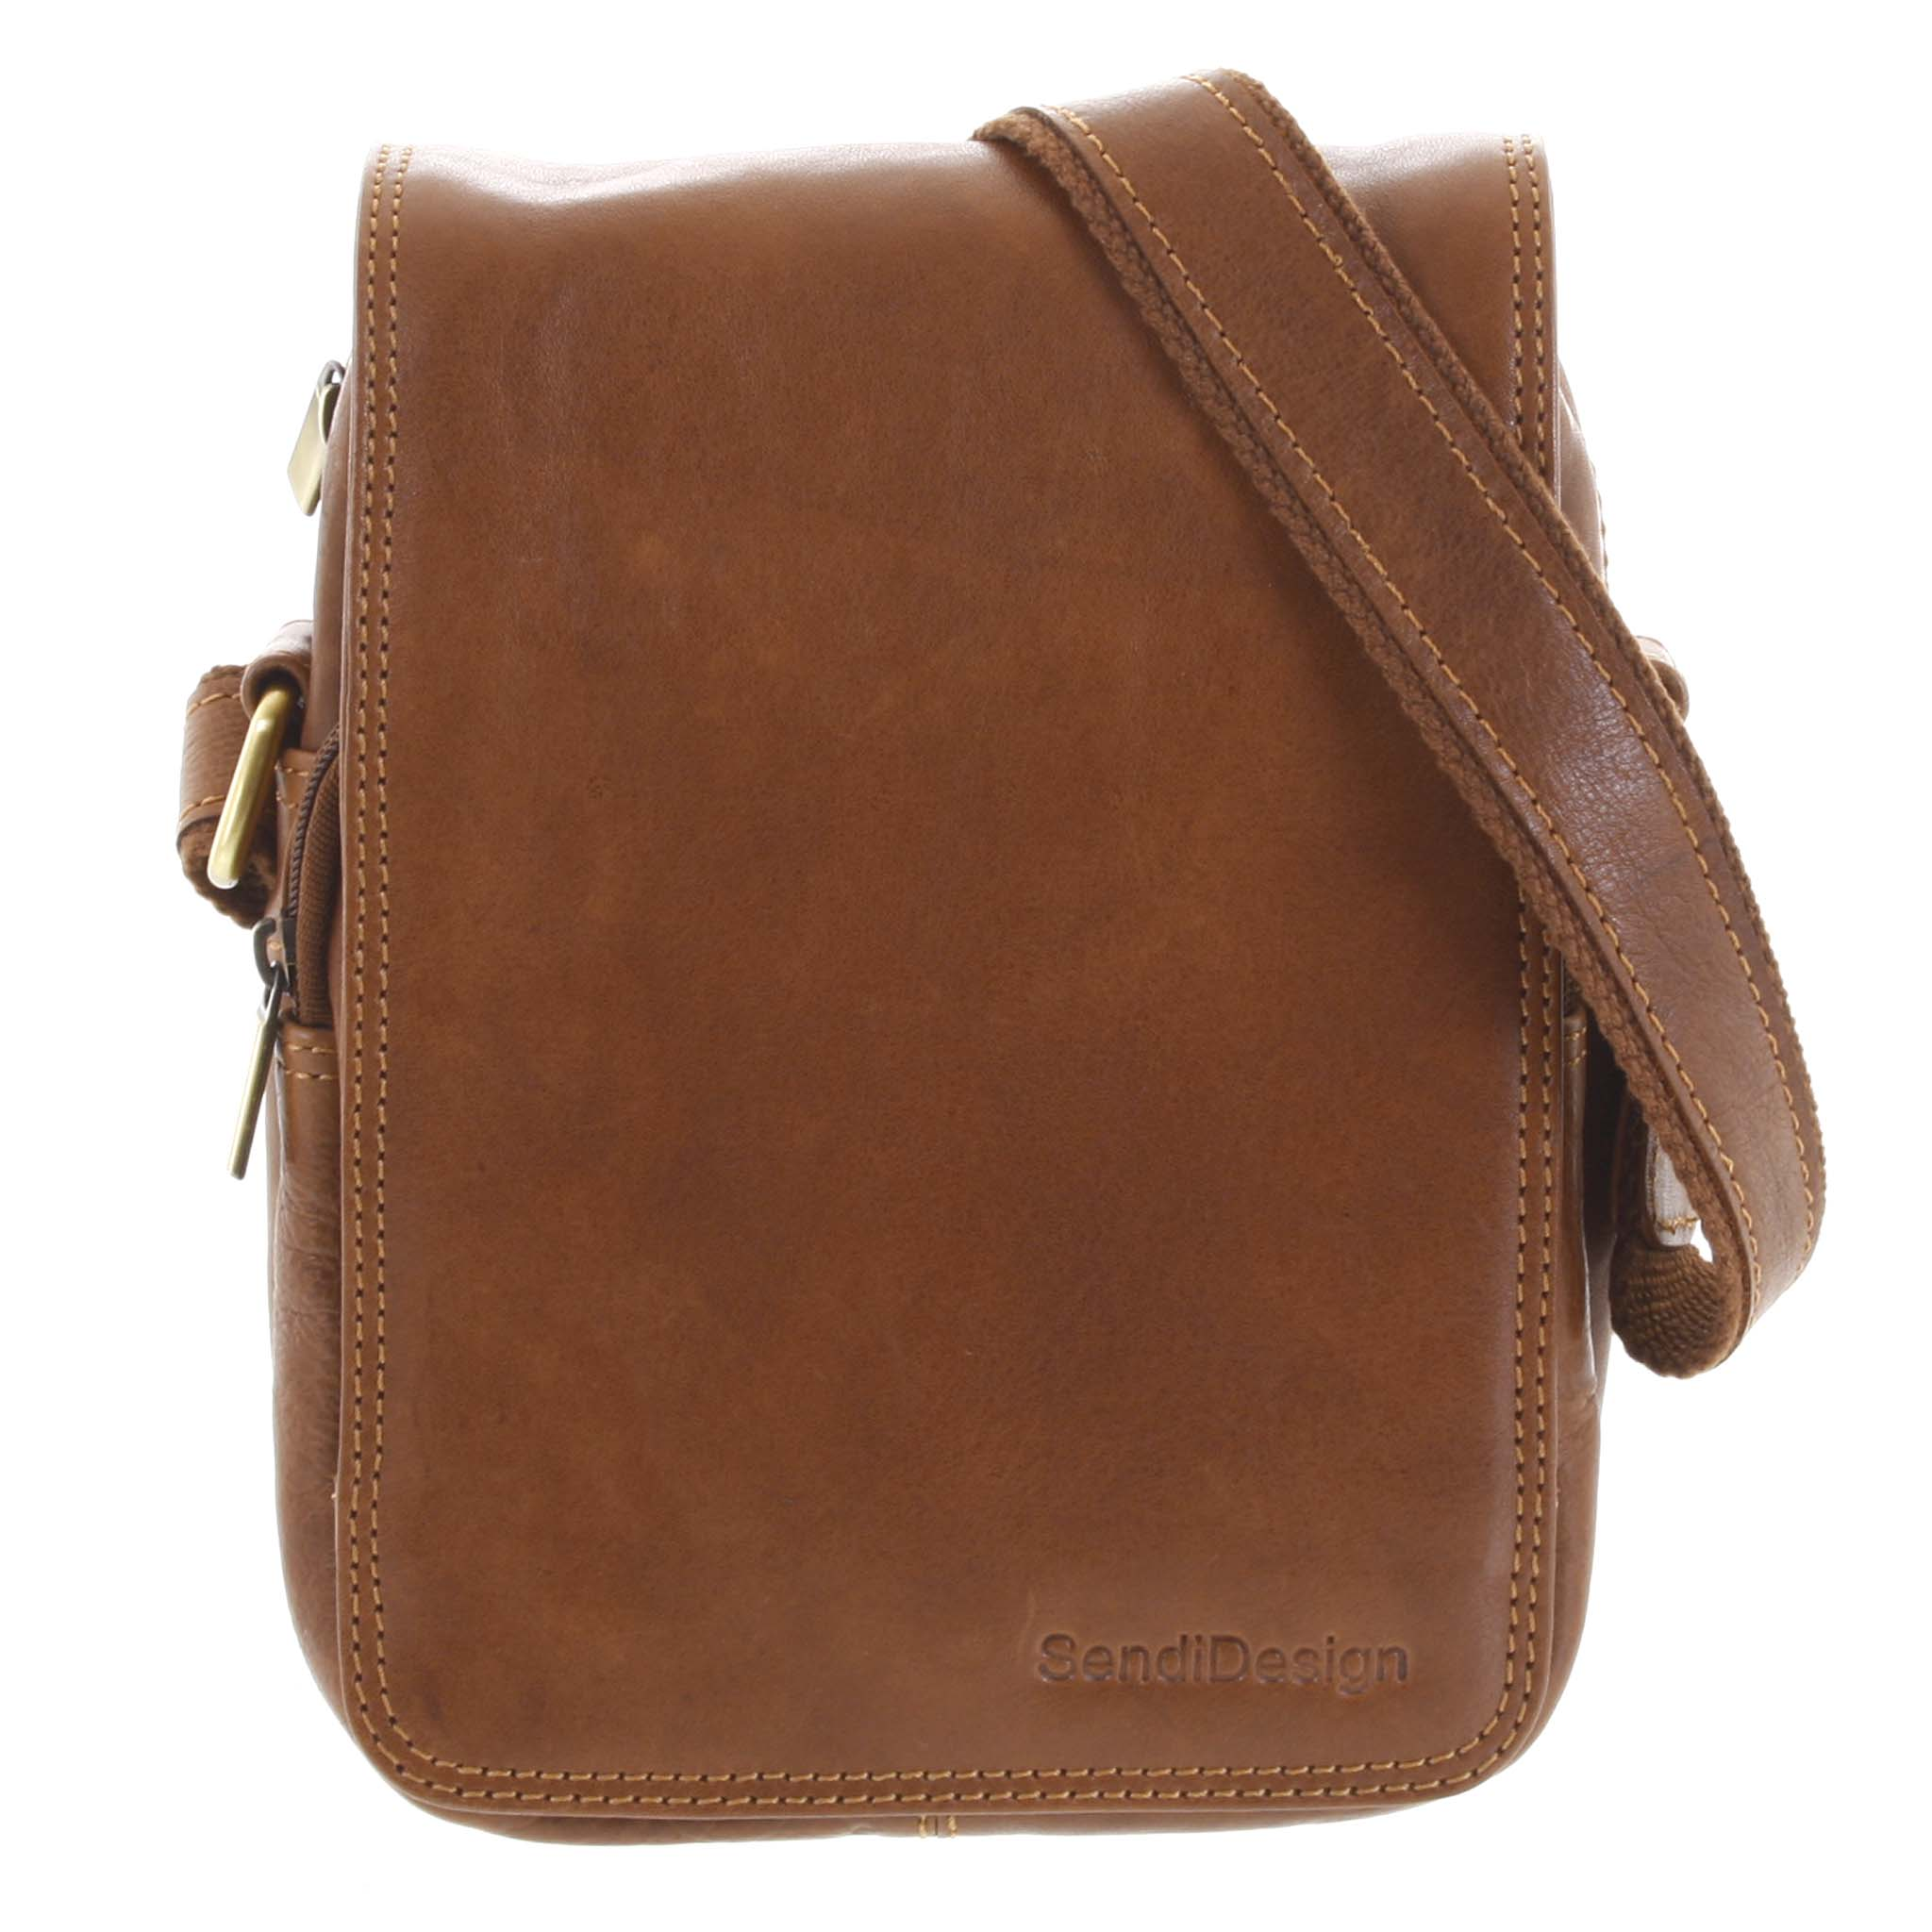 Pánska kožená taška cez rameno hnedá - SendiDesign Muxos